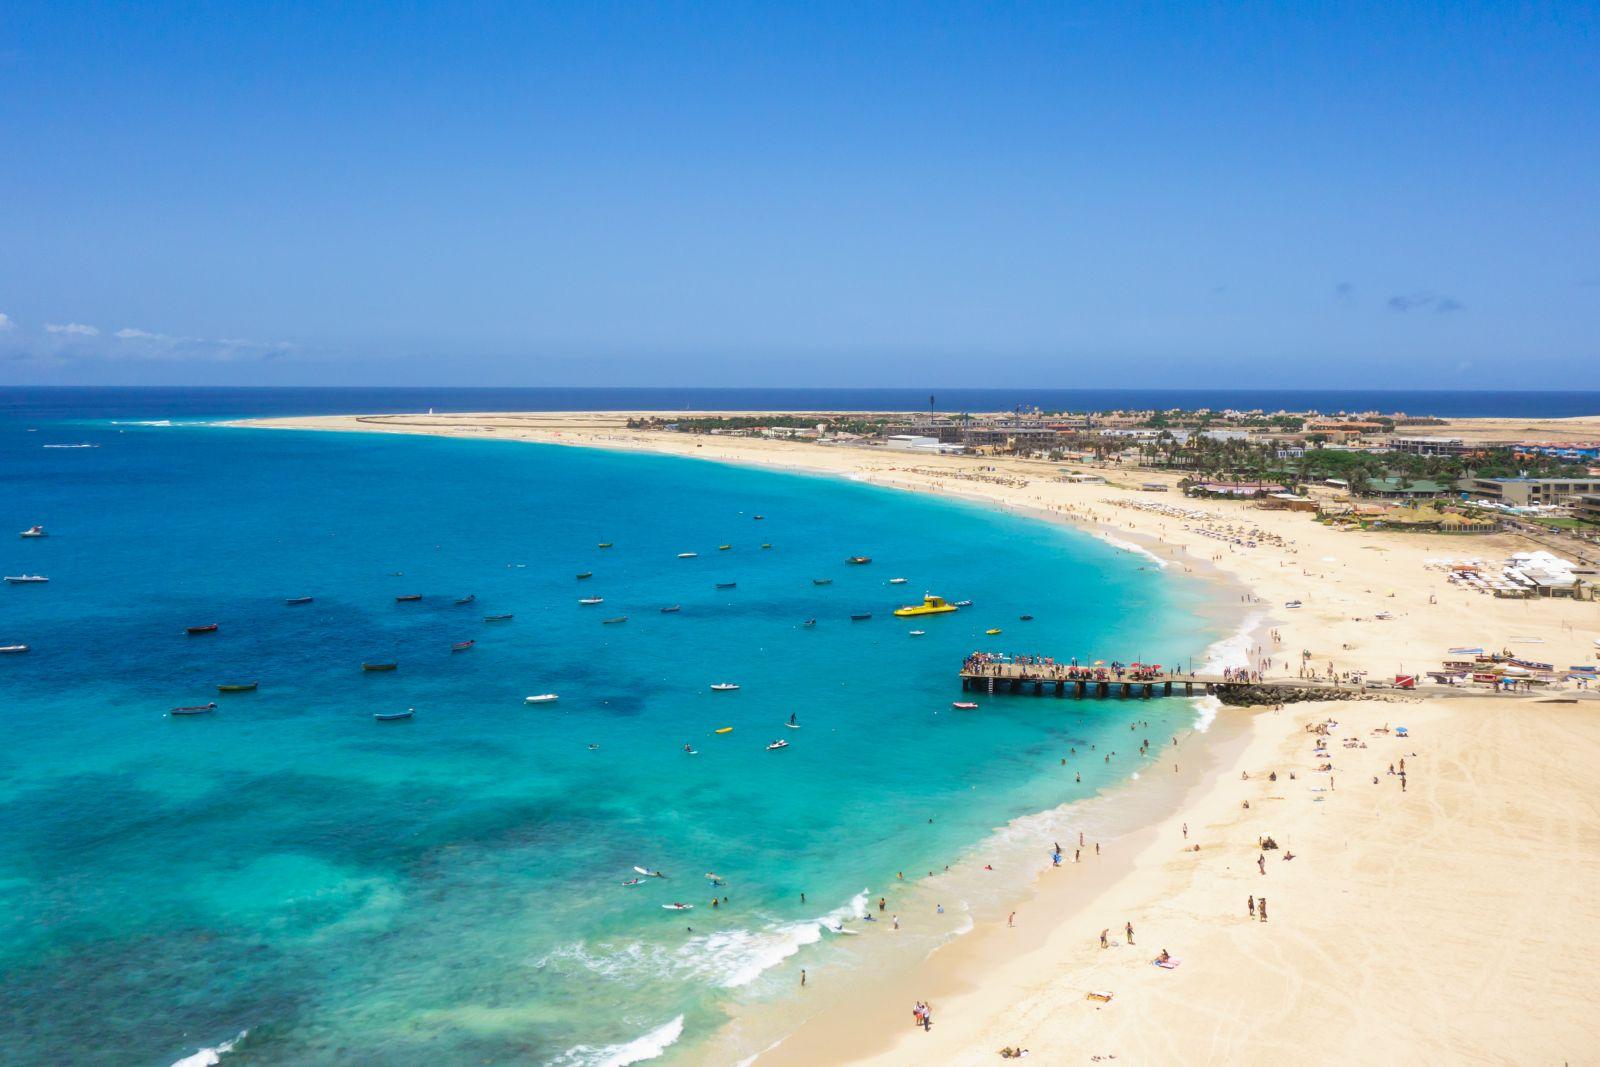 Der Tourismus hat die Insel Sal für sich entdeckt. Beliebtes Ziel ist Santa Maria mit seinen schönen Sandstränden. Samuel B./AdobeStock